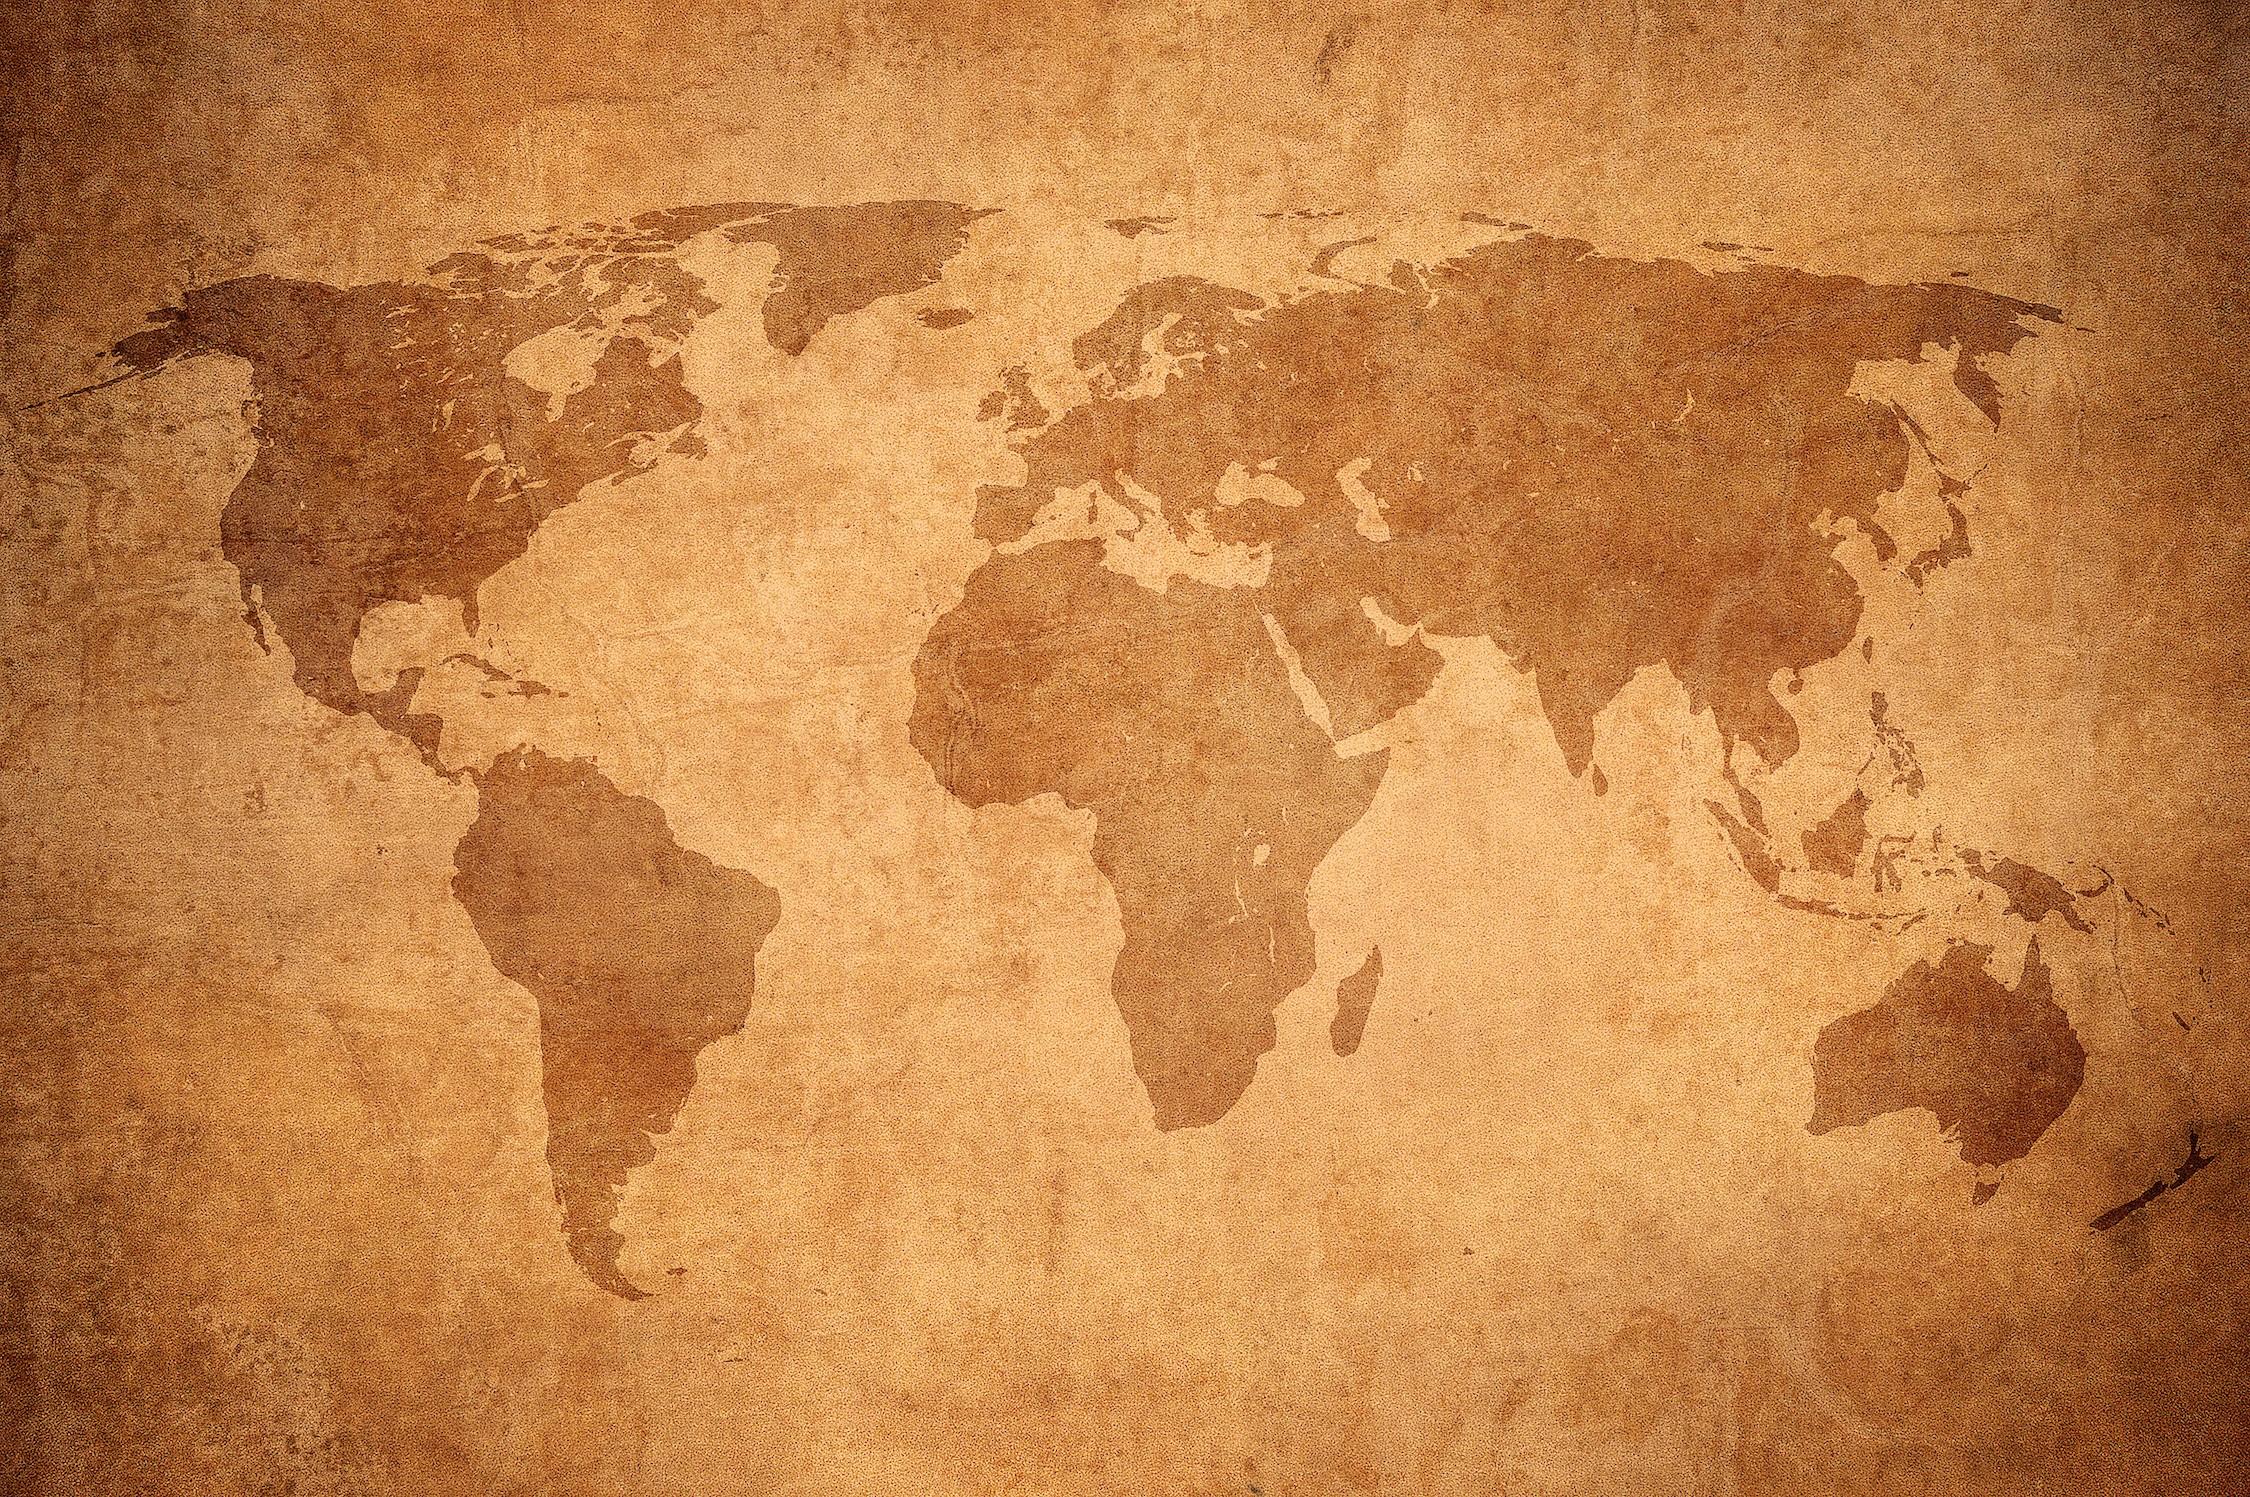 Dessin de mur du vieux monde papier peint